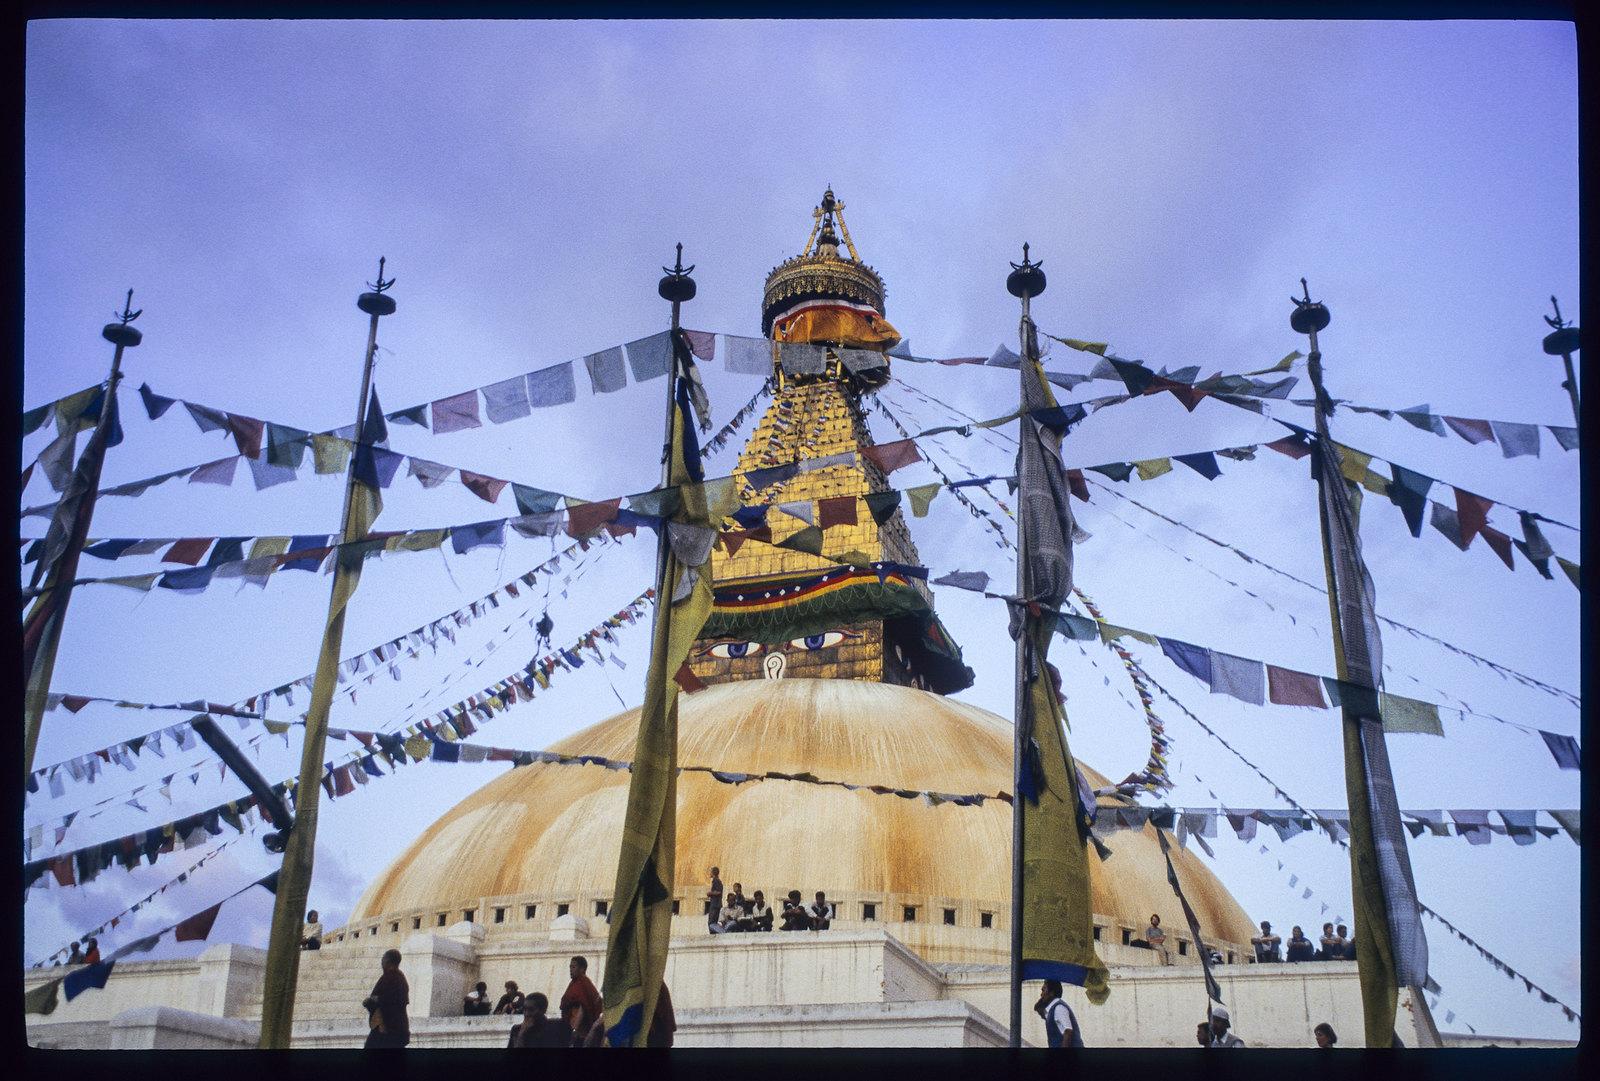 Bodnath temple, sous les yeux du boudha - Le stupa de Boudhanath